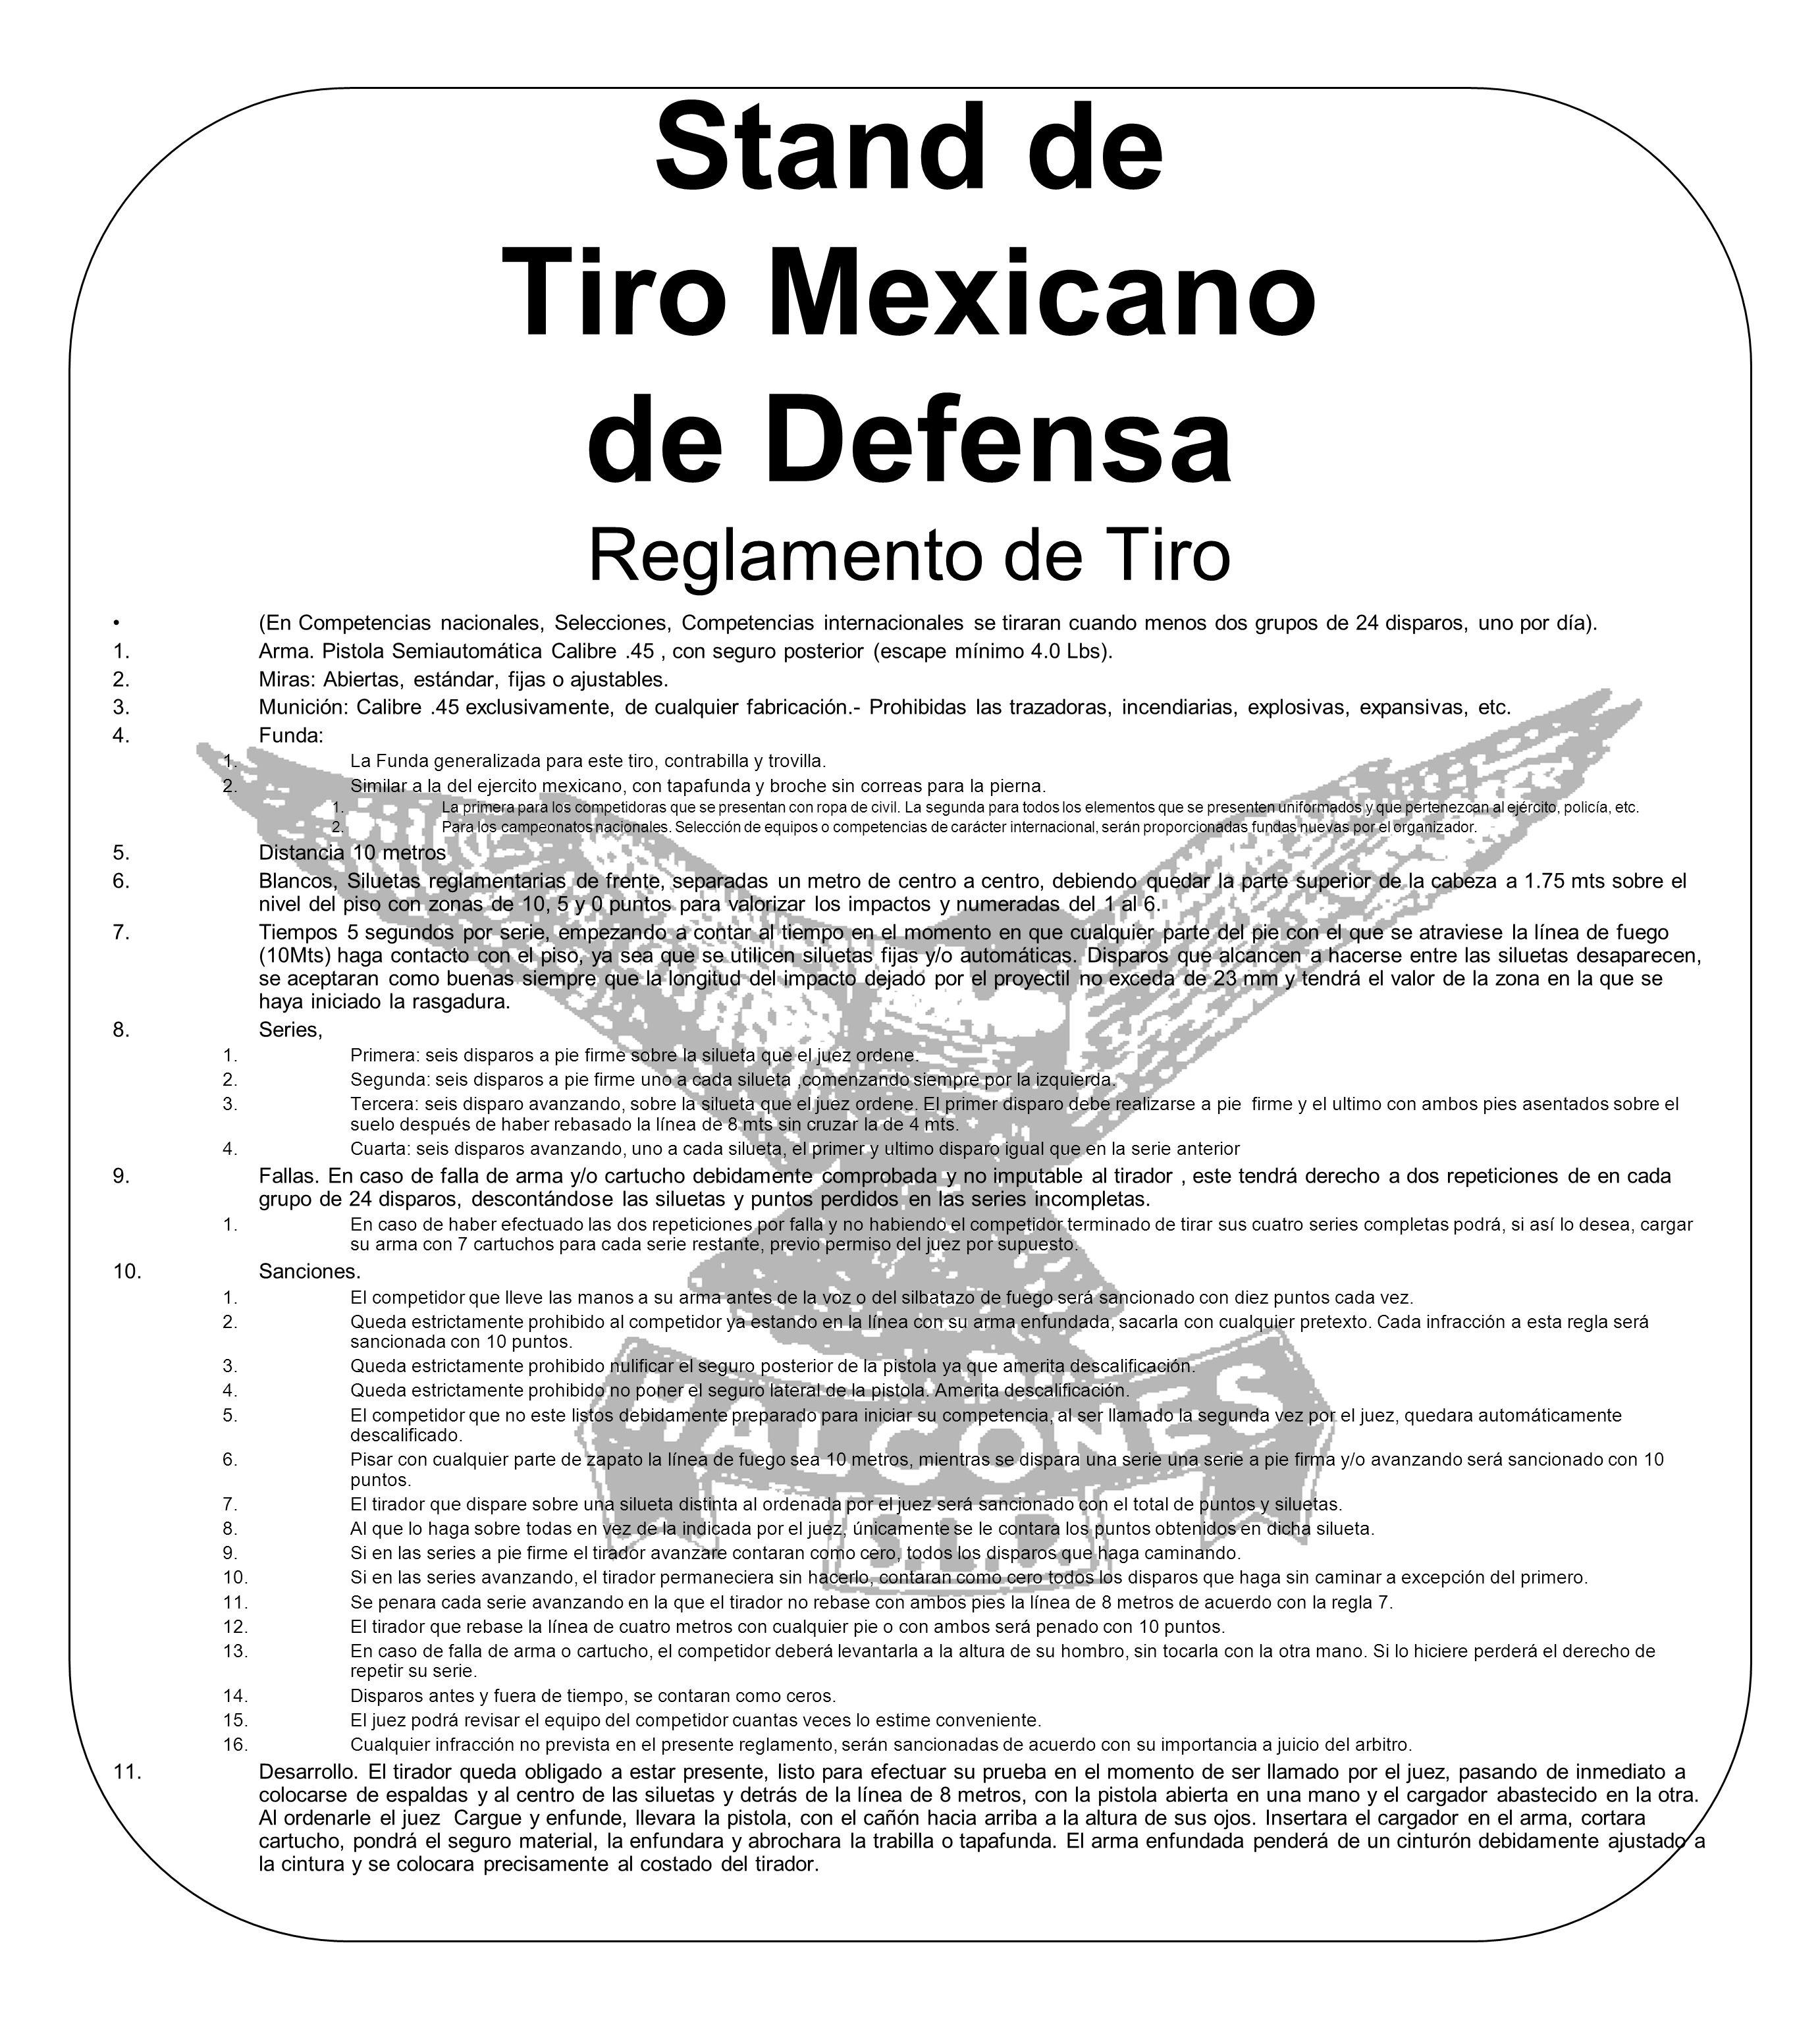 Stand de Tiro Mexicano de Defensa Reglamento de Tiro (En Competencias nacionales, Selecciones, Competencias internacionales se tiraran cuando menos dos grupos de 24 disparos, uno por día).